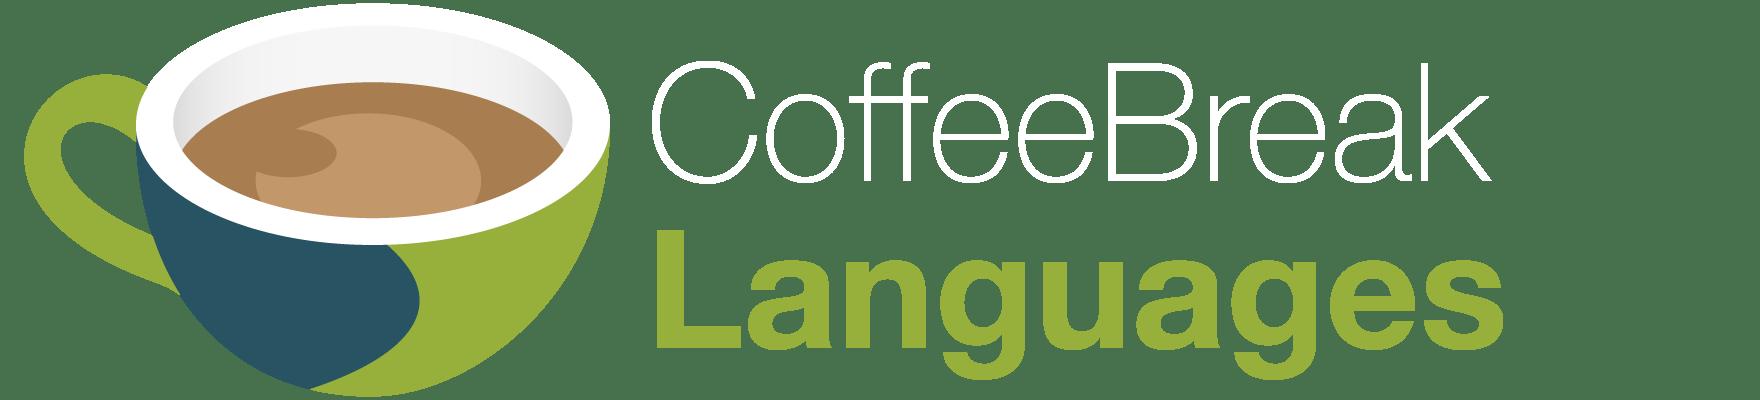 cblanguages-logo-1760